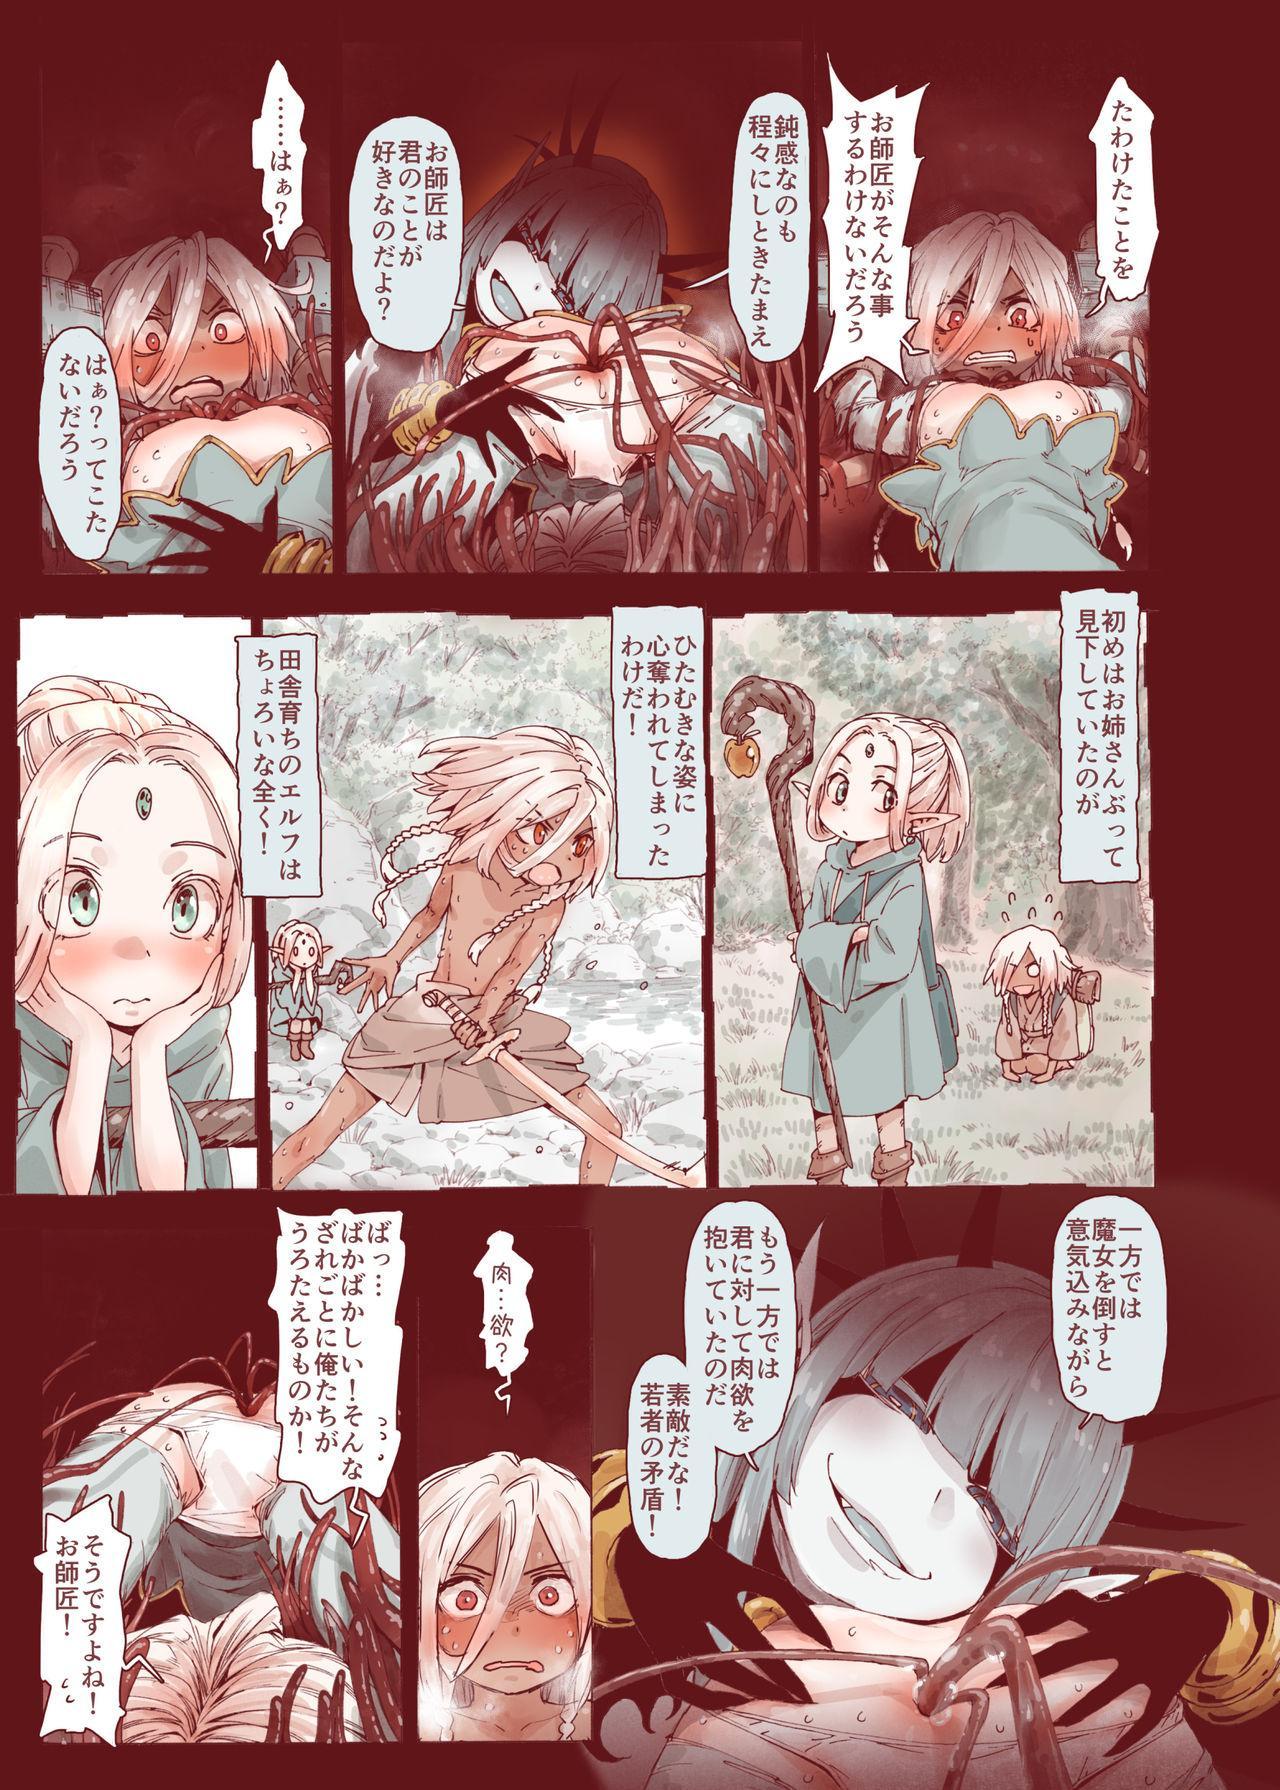 Daraku no Majo ~Shounen Yuusha to Tsurupeta Elf wa Ika ni Shite Majo ni Yabureta ka 36